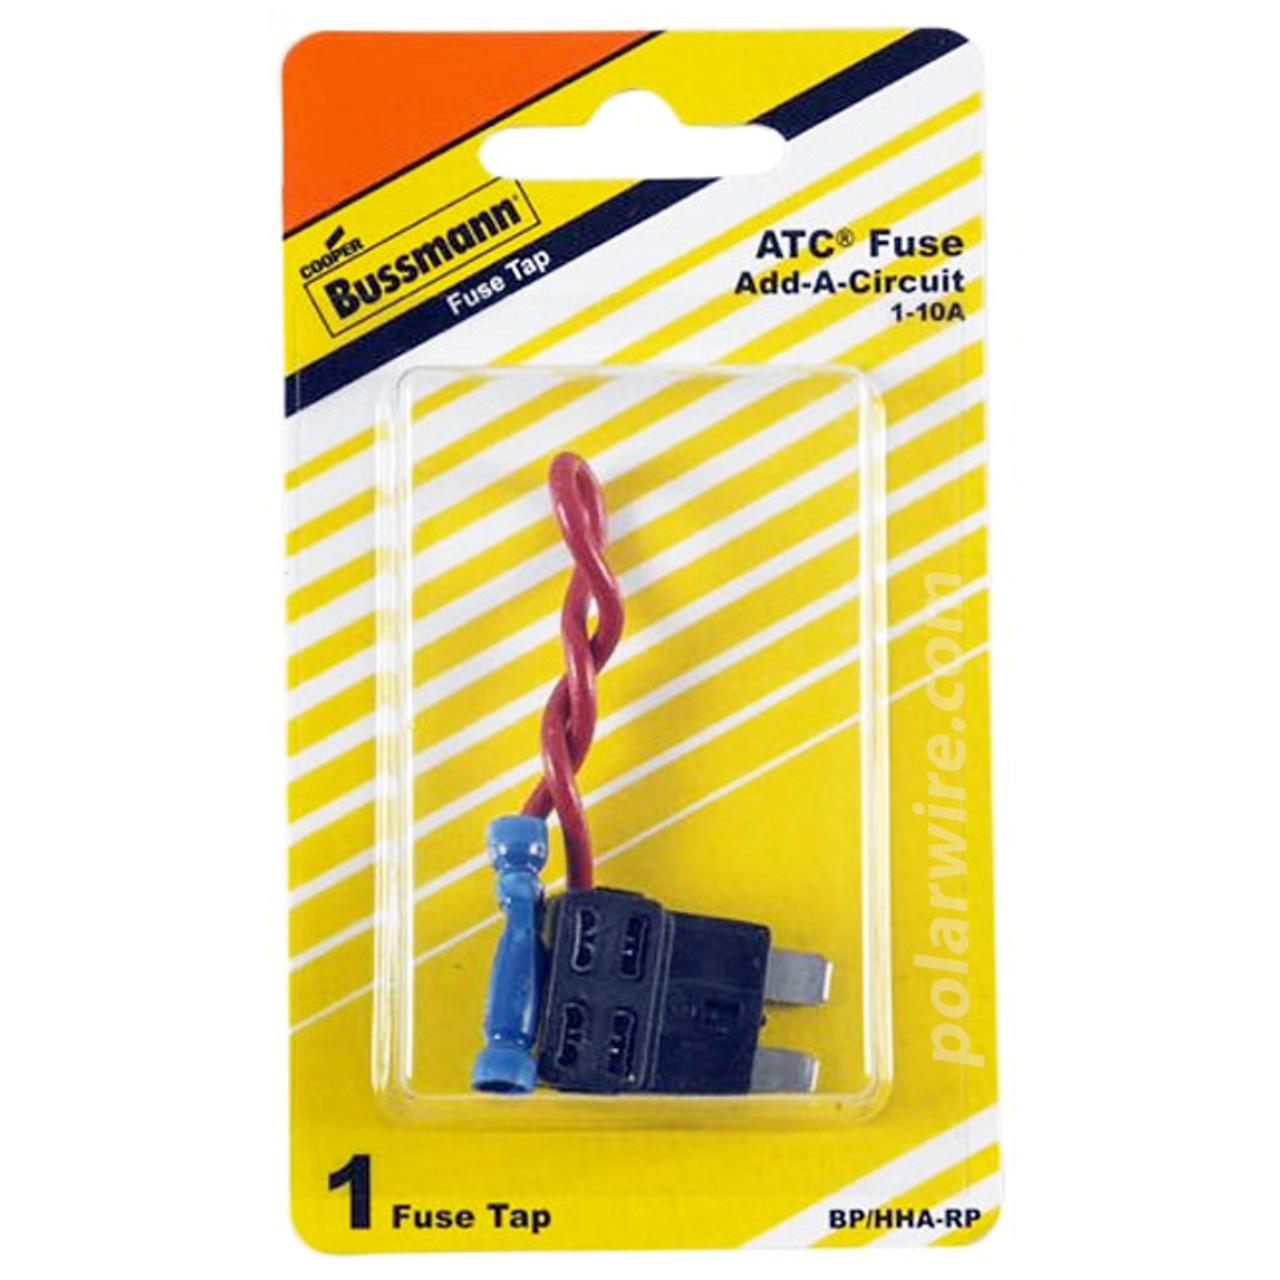 ATC 3-10A ADD-A-LINE CIR ATC FUSE PIGGYBACK 2 ATCS